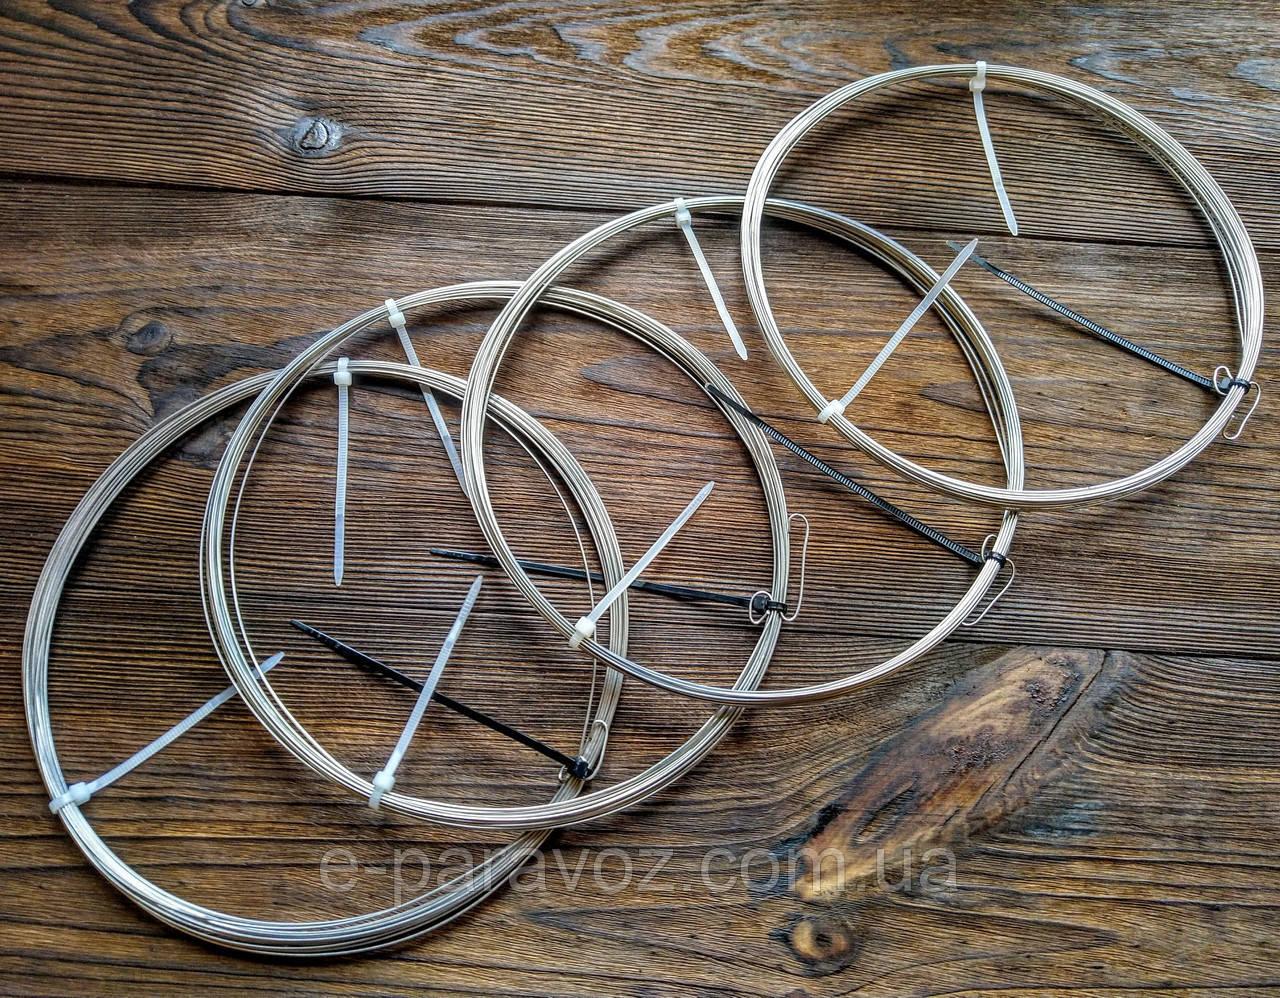 Нержавейка 0.25 мм - 50 метров, проволока для рукоделия цвет серебро, для  бисера